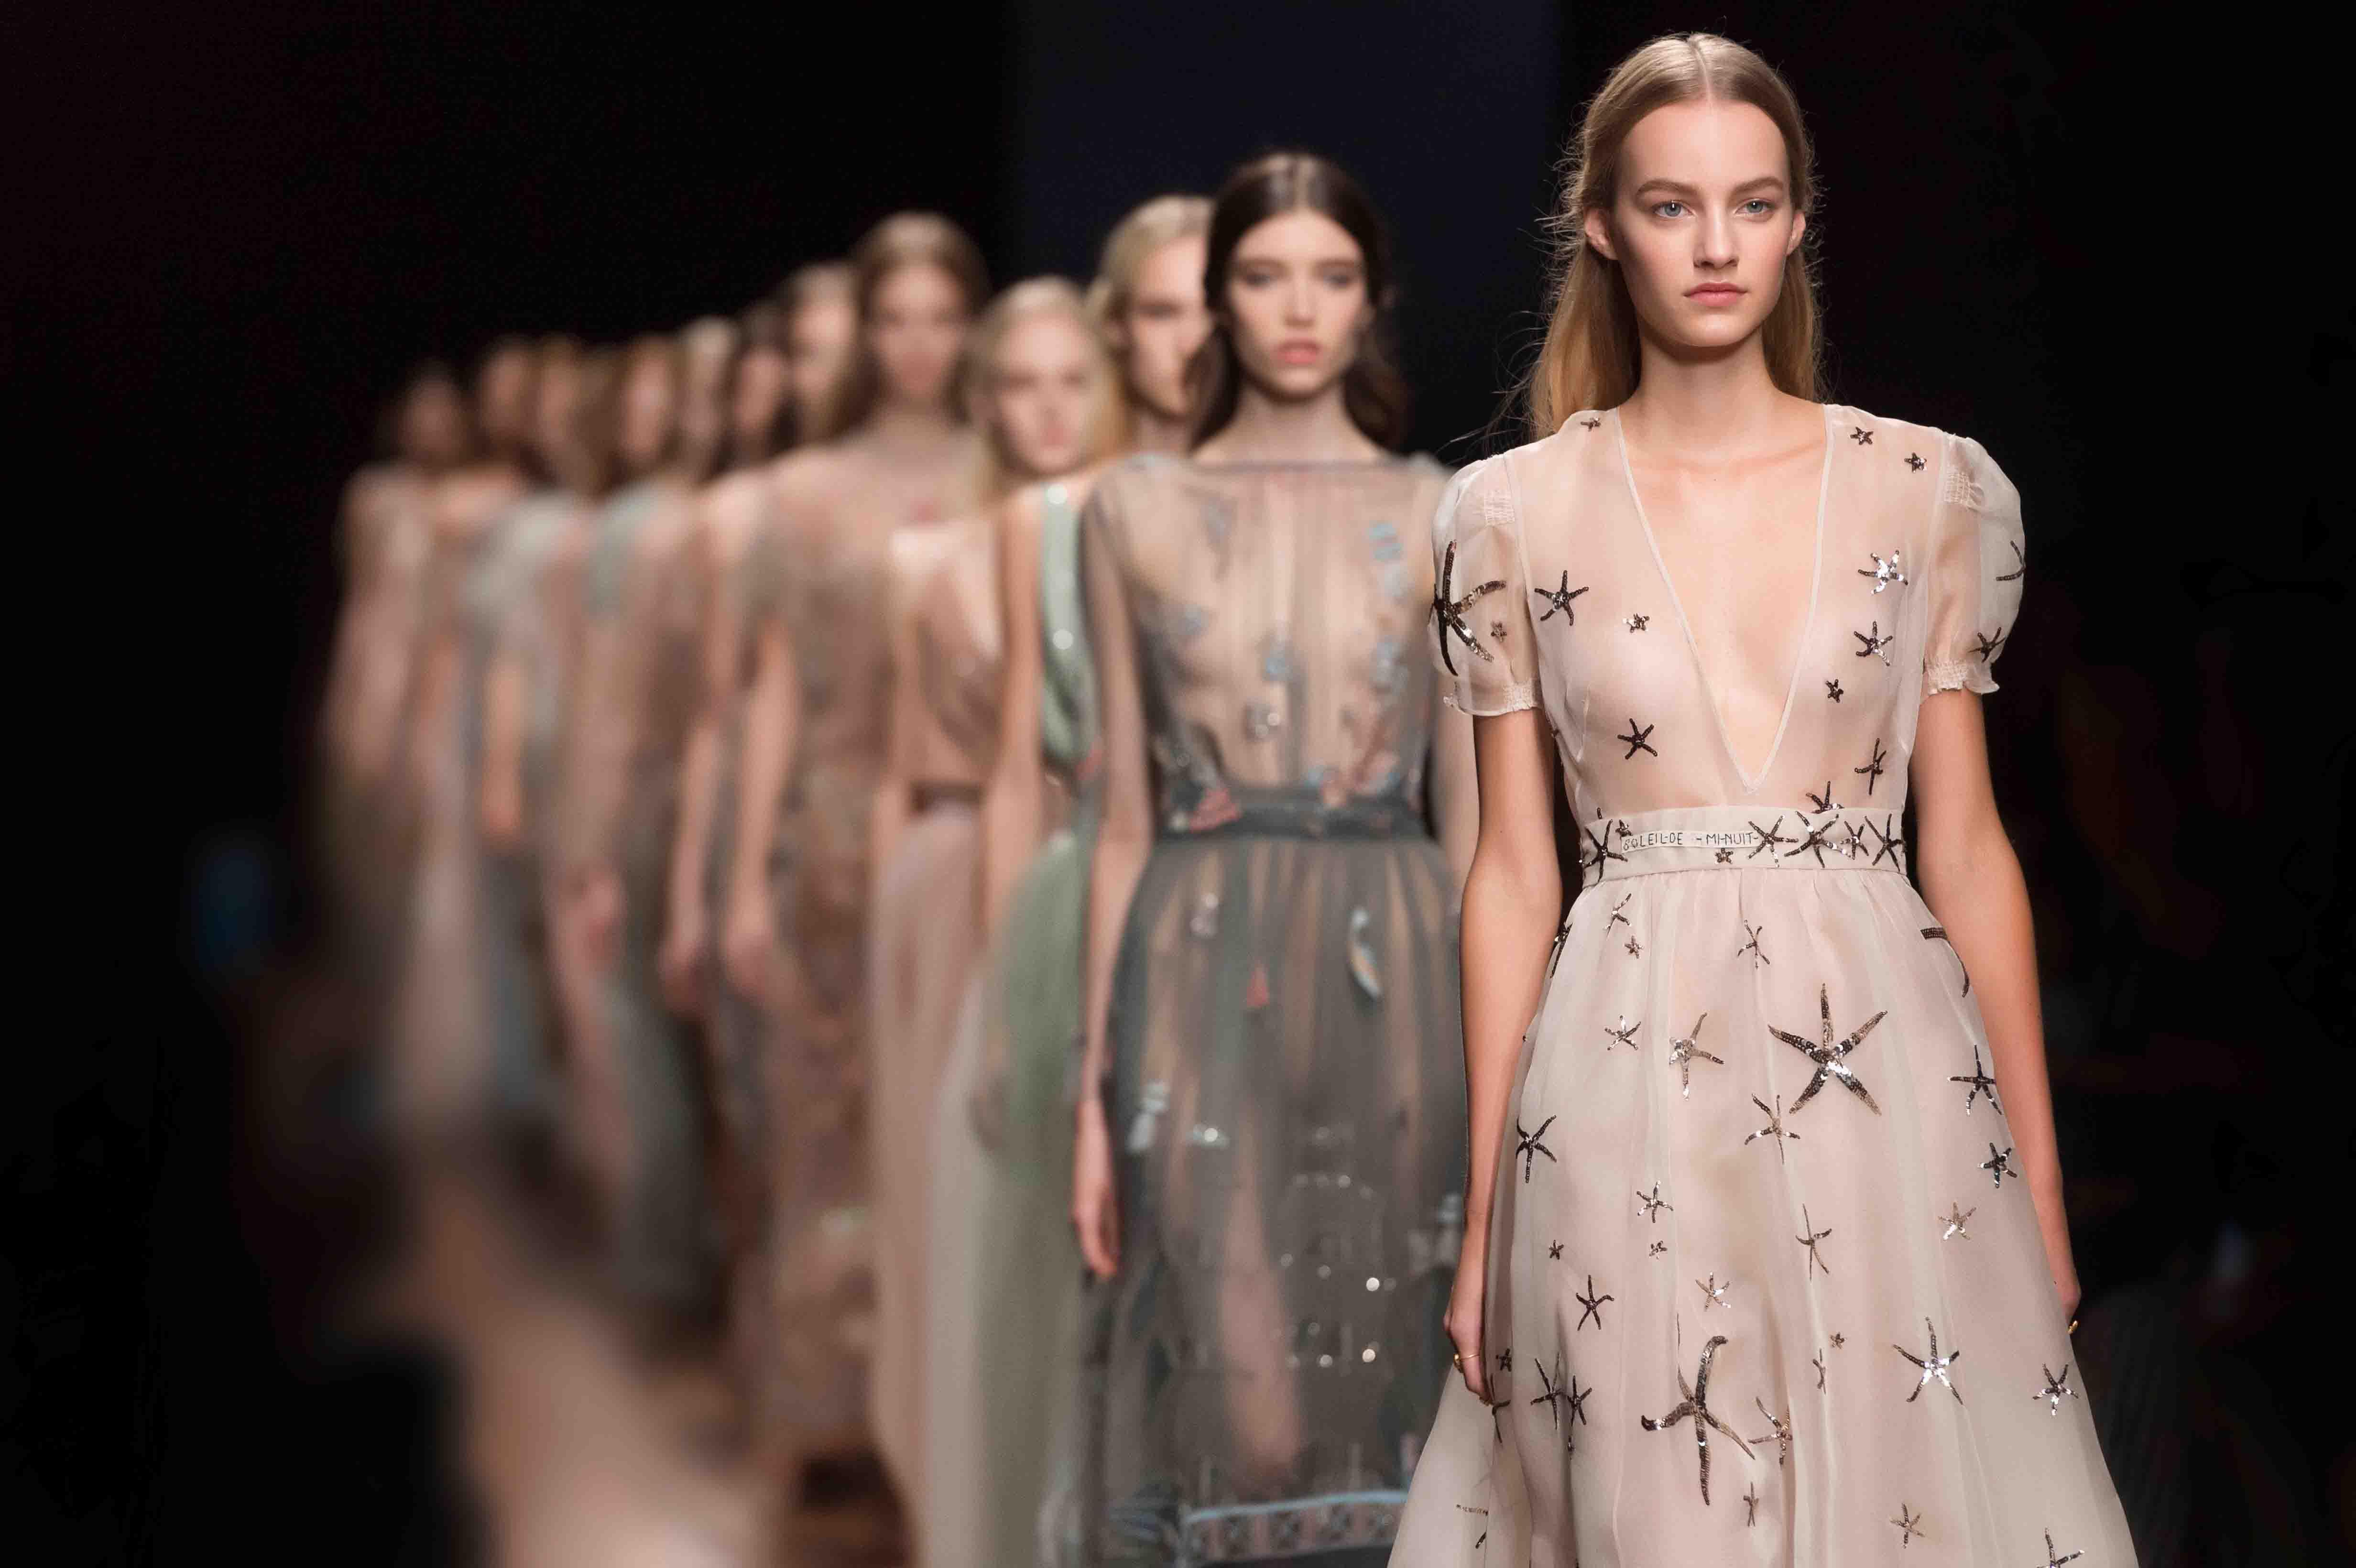 Valentino12 - Валентино: история модного дома, секреты и новые коллекции